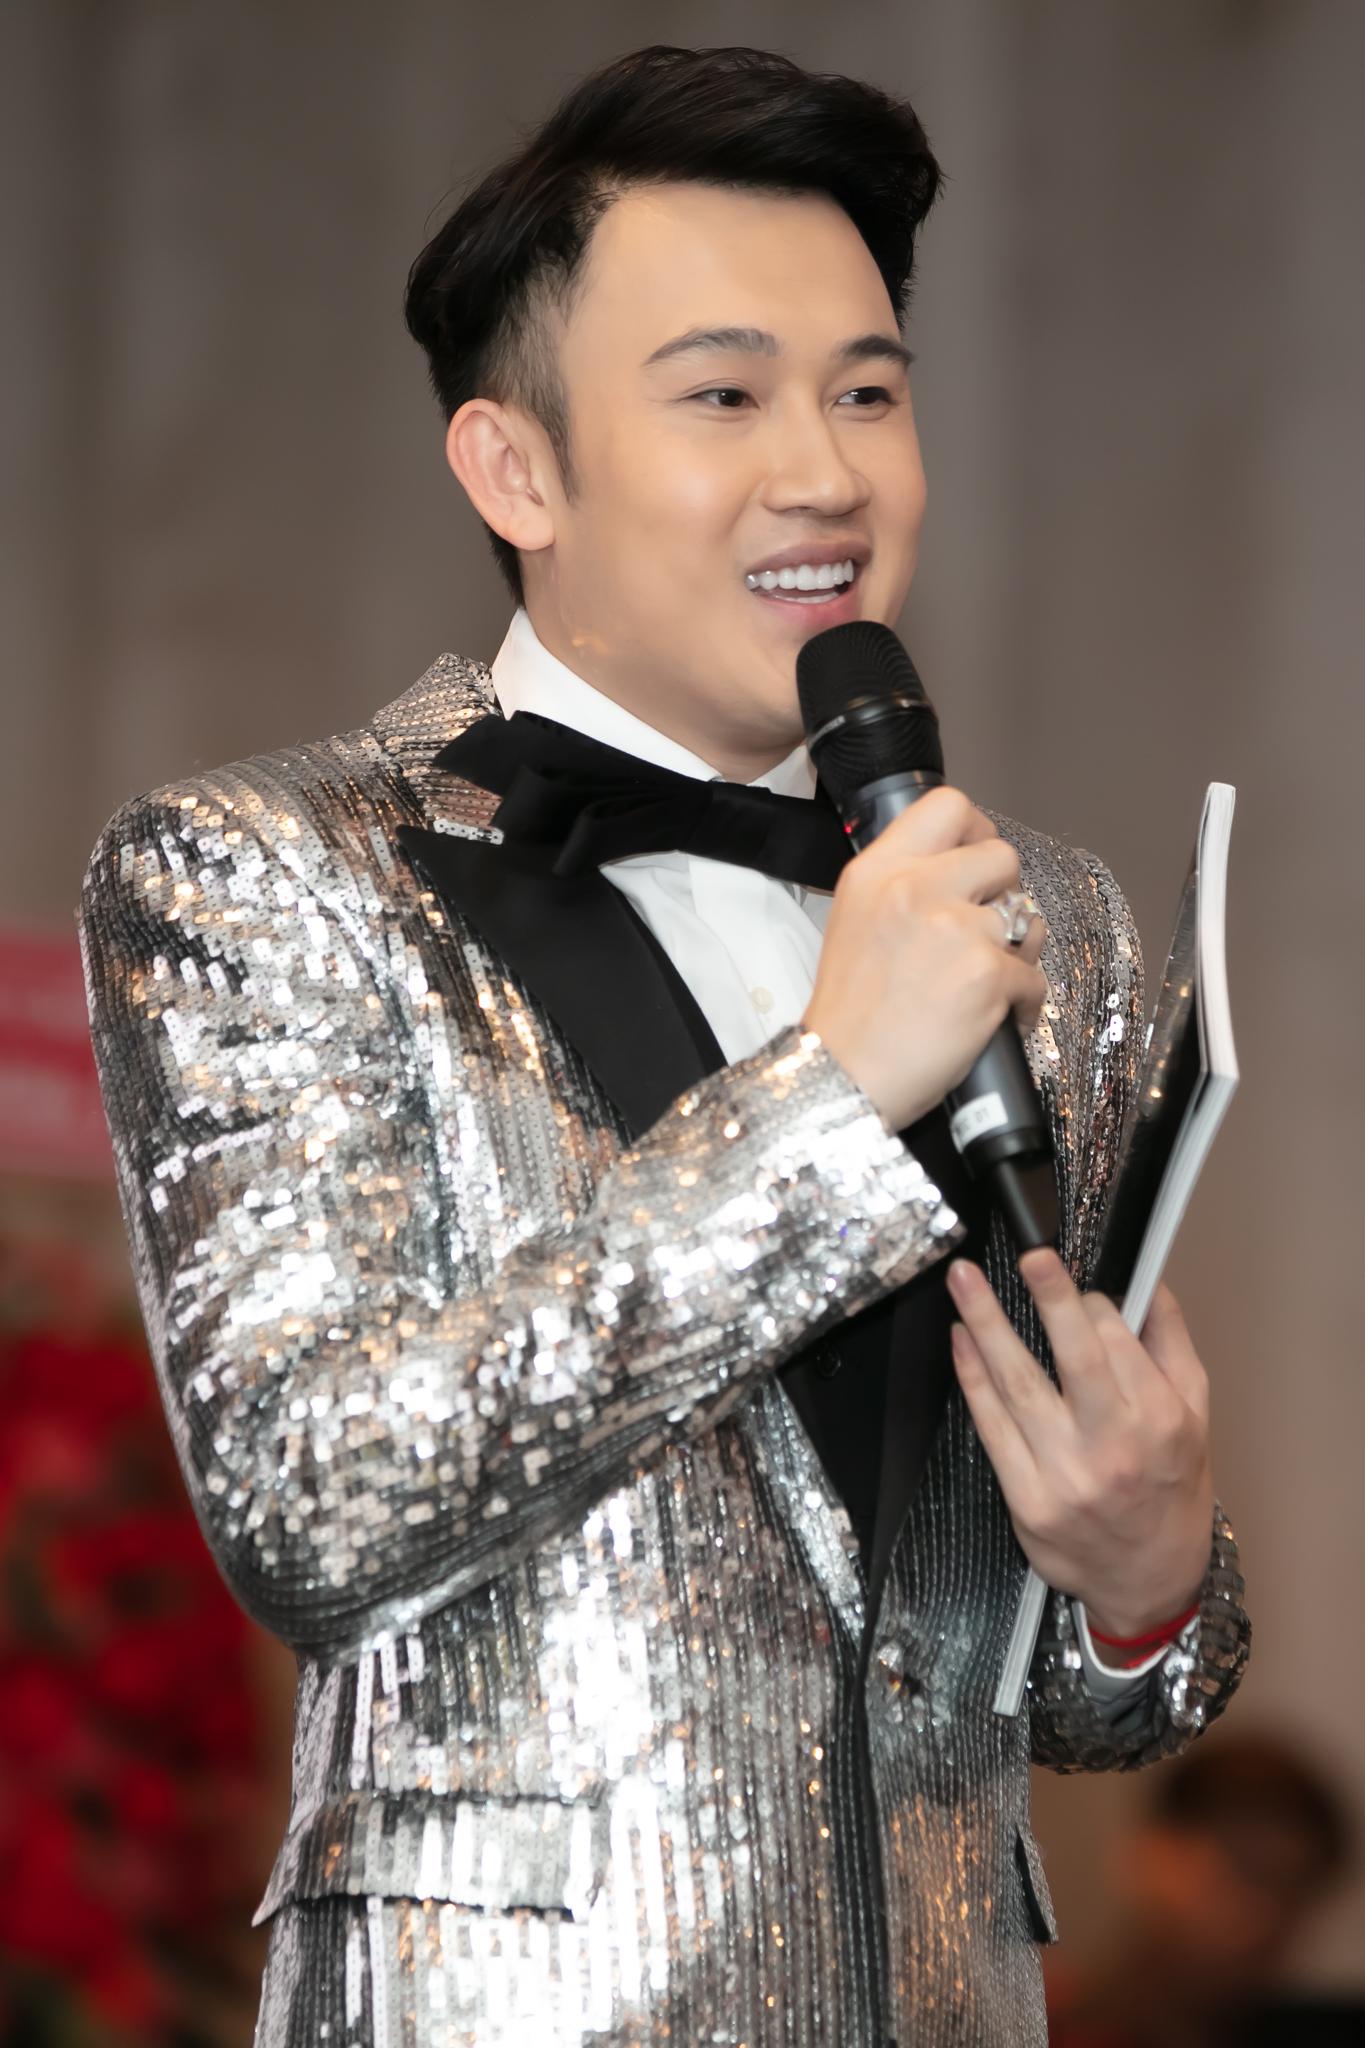 Dương Triệu Vũ trong buổi công bố các dự án cho năm 2020 vào chiều 1/1.